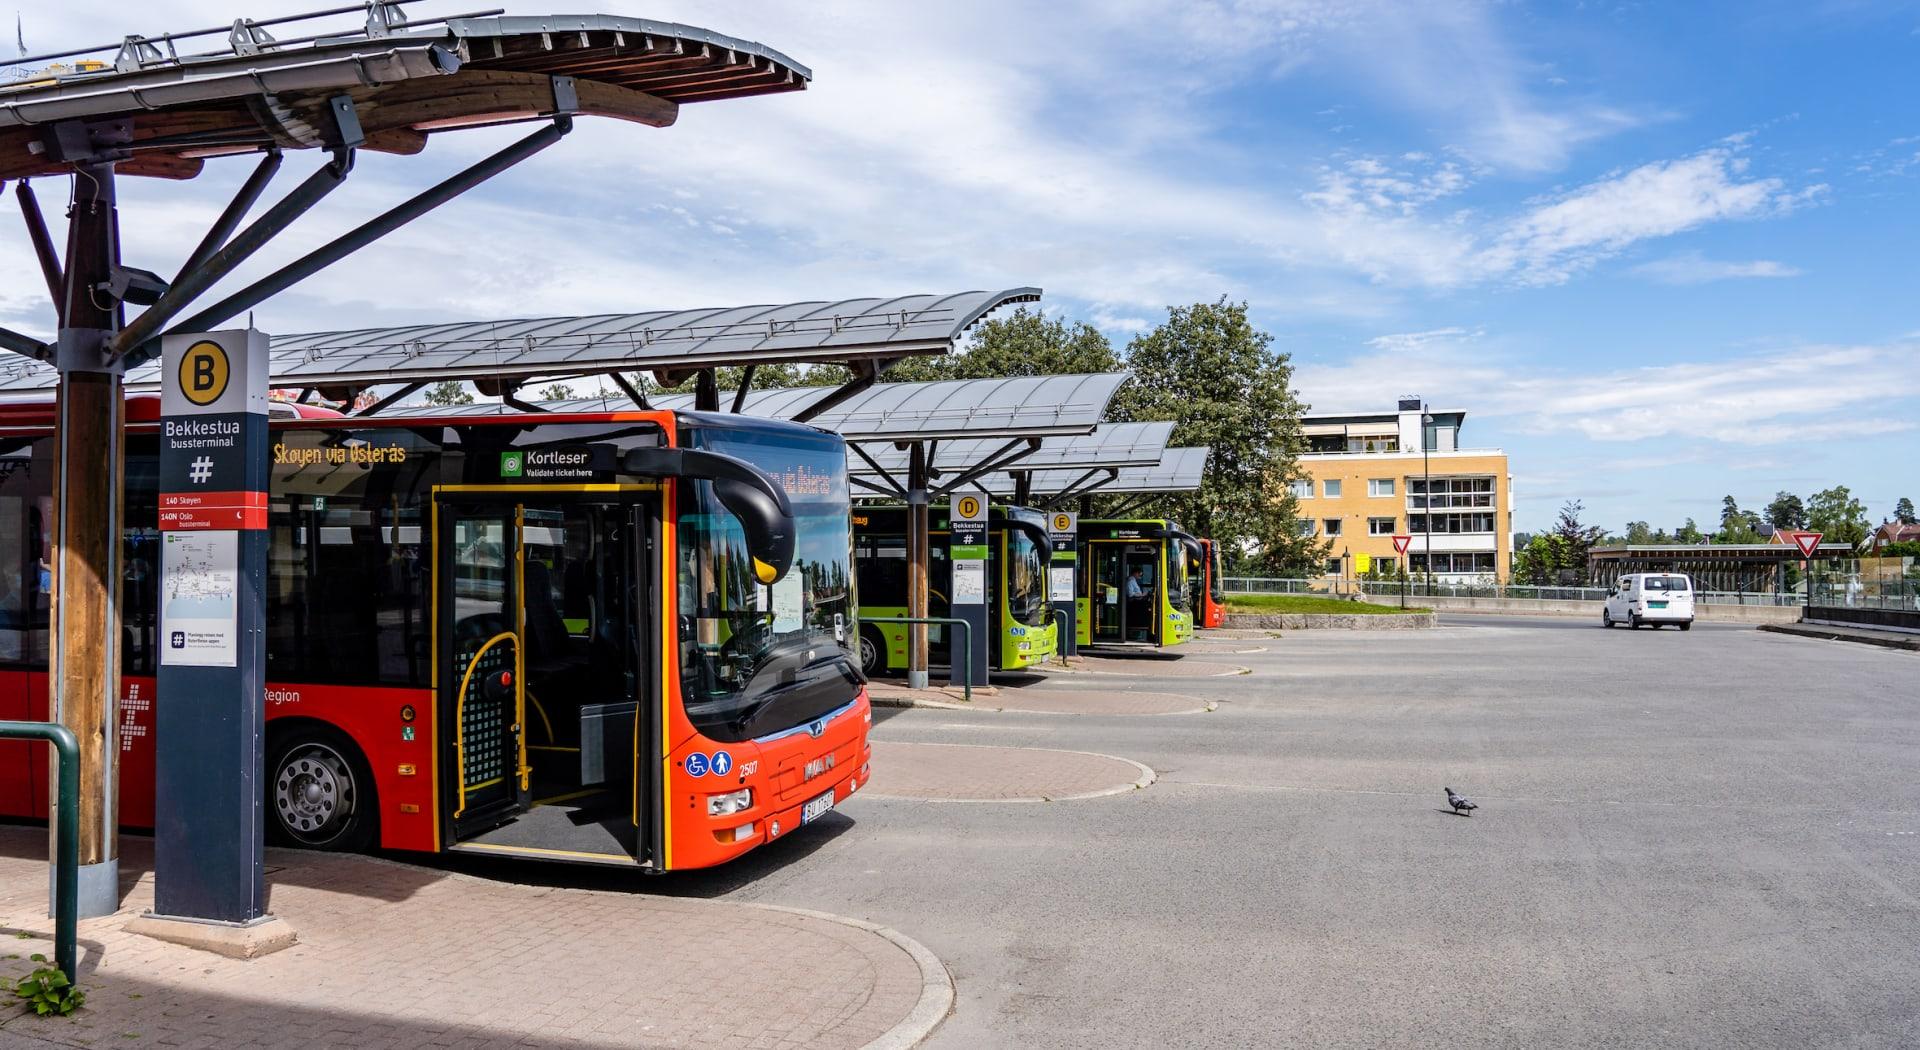 T-banen tar deg til Majorstuen på 16 min. I umiddelbar nærhet finnes også bussterminal med flybuss, flotte matbutikker, et av landets beste vinmonopol, hyggelige cafeer og restauranter, samt en rekke andre servicetilbud.